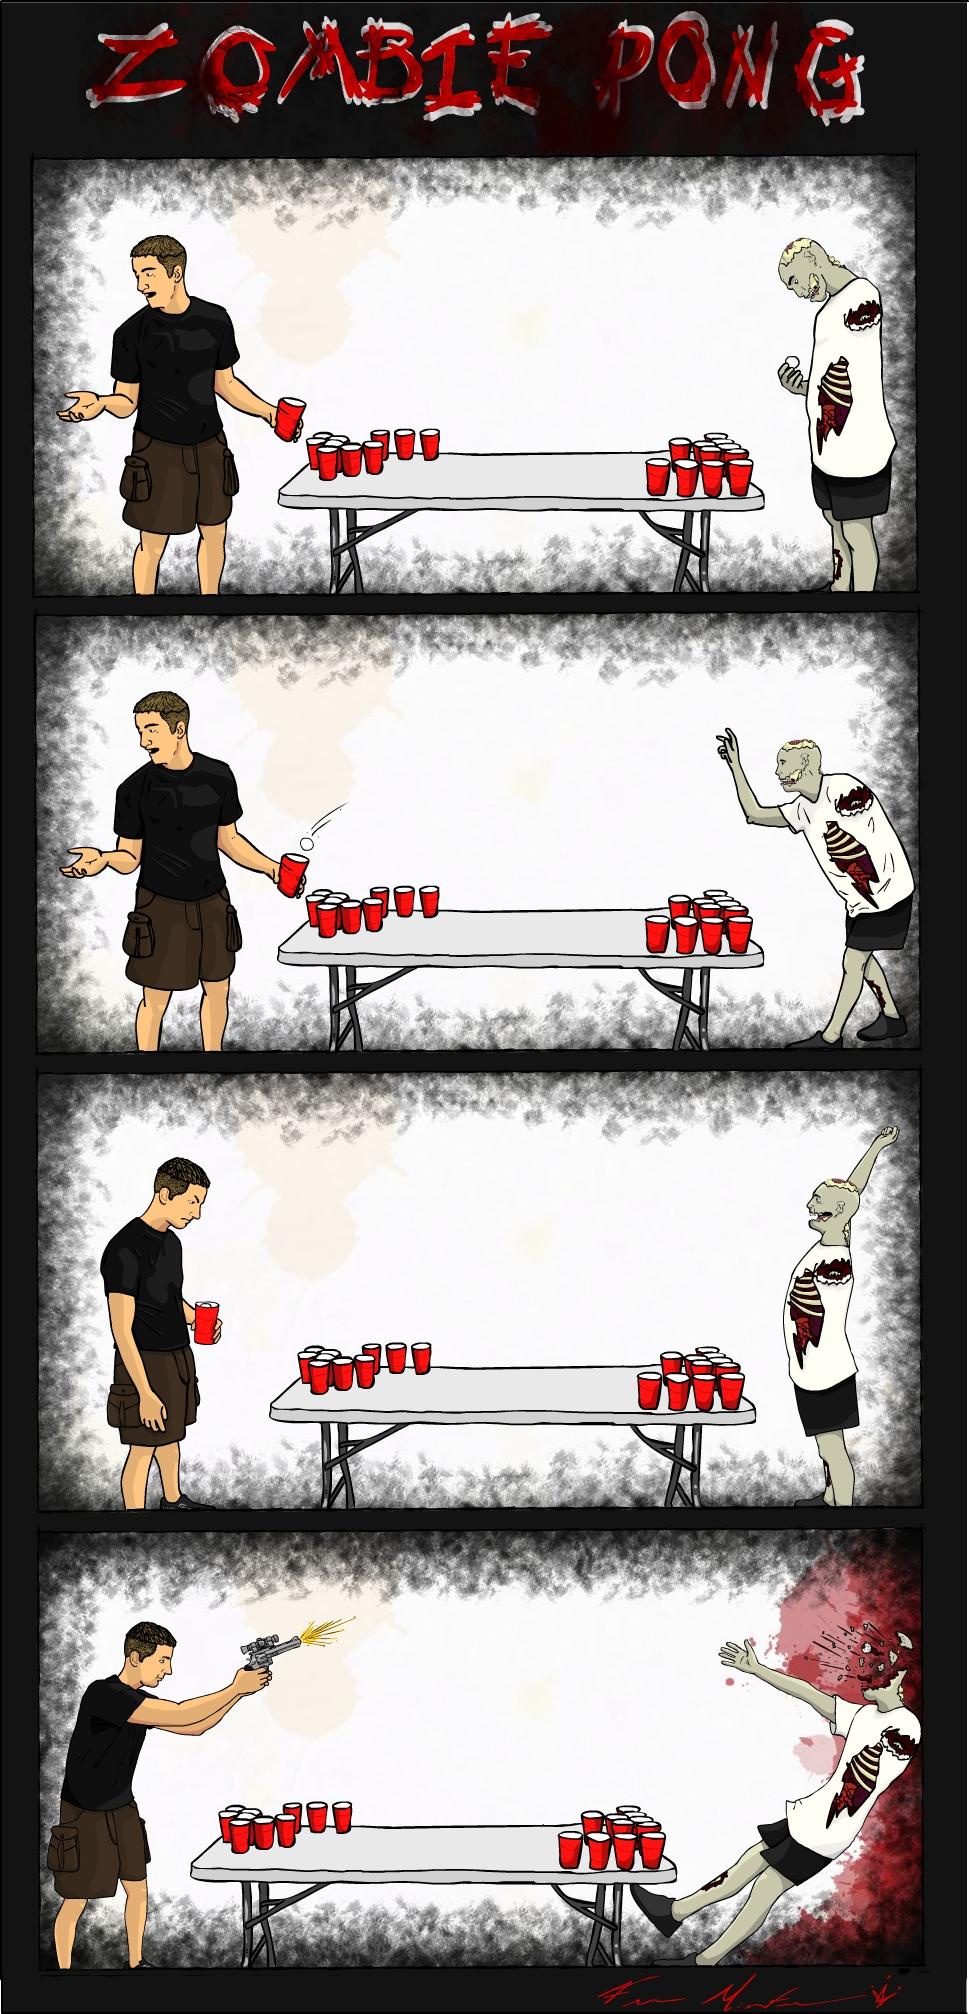 Zombie Pong